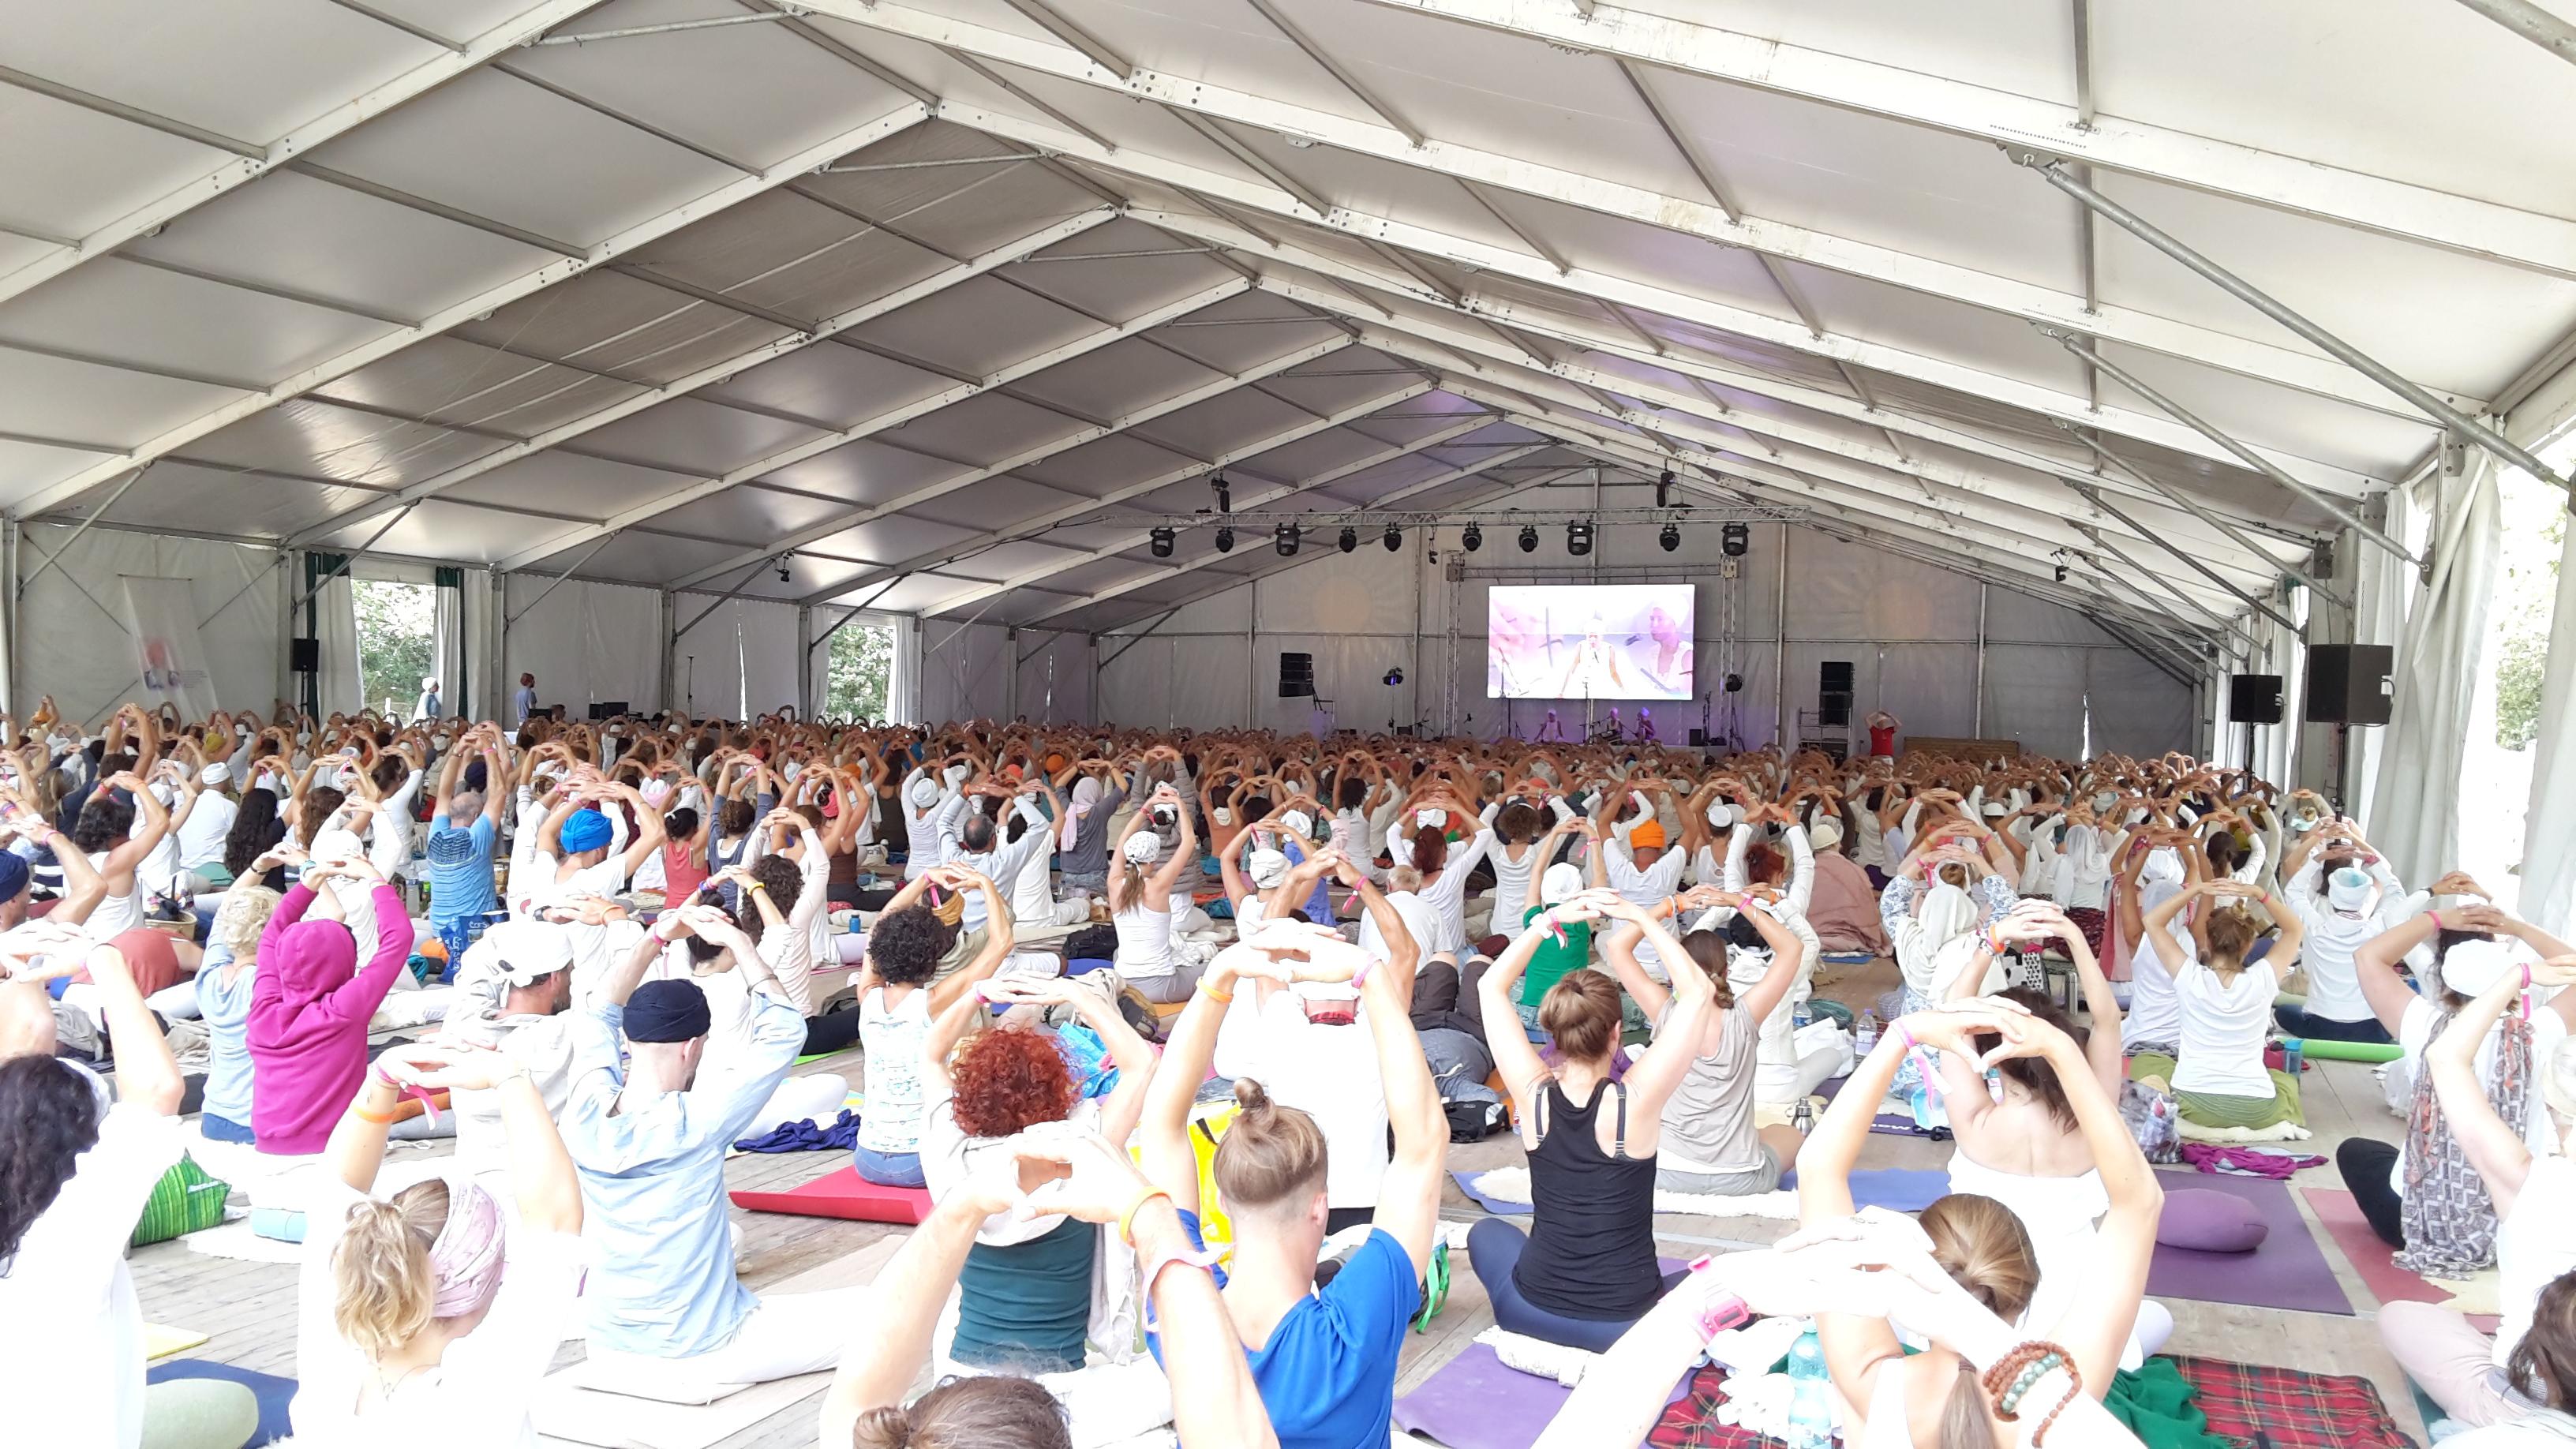 Meditazione yoga collettiva al Festival Europeo di Kundalini Yoga